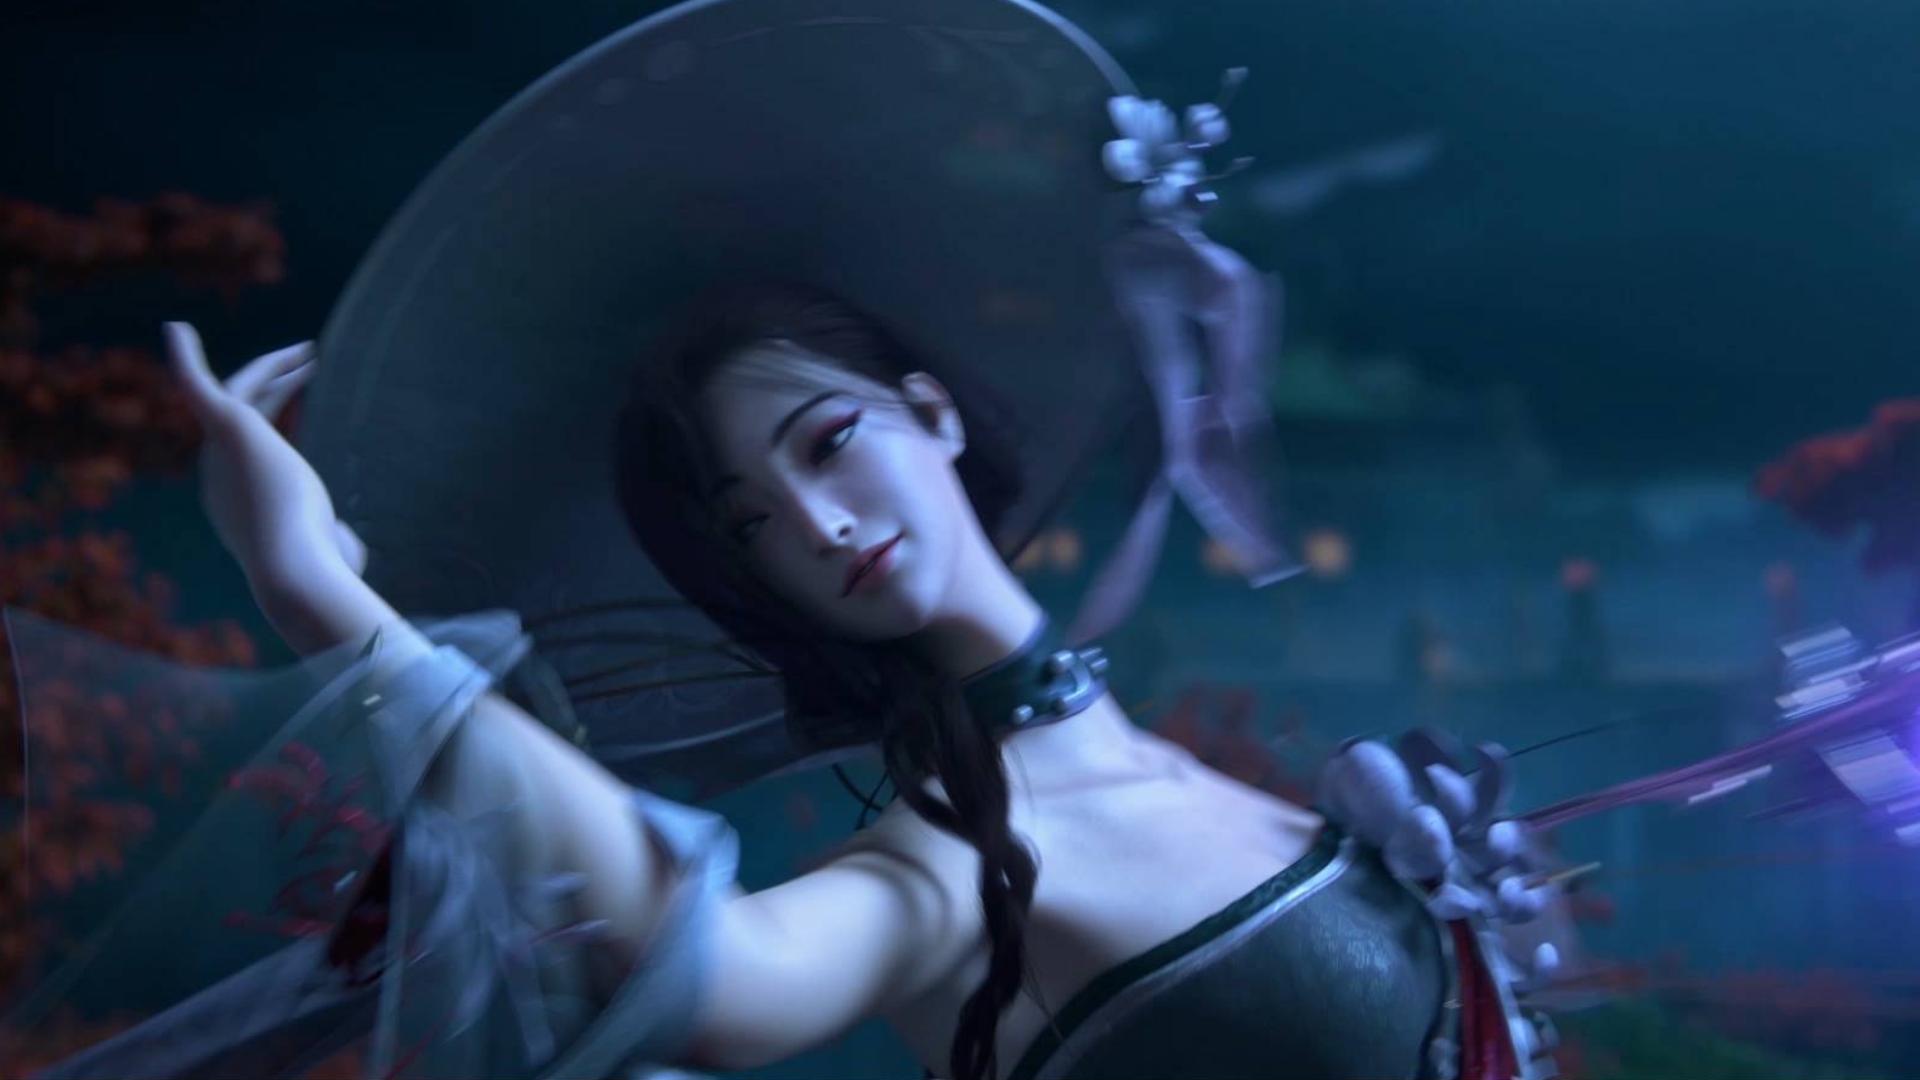 【极限画质】中国史诗级游戏动画CG+纯音乐,明天我们战斗吧!Alan Walker - Heroes